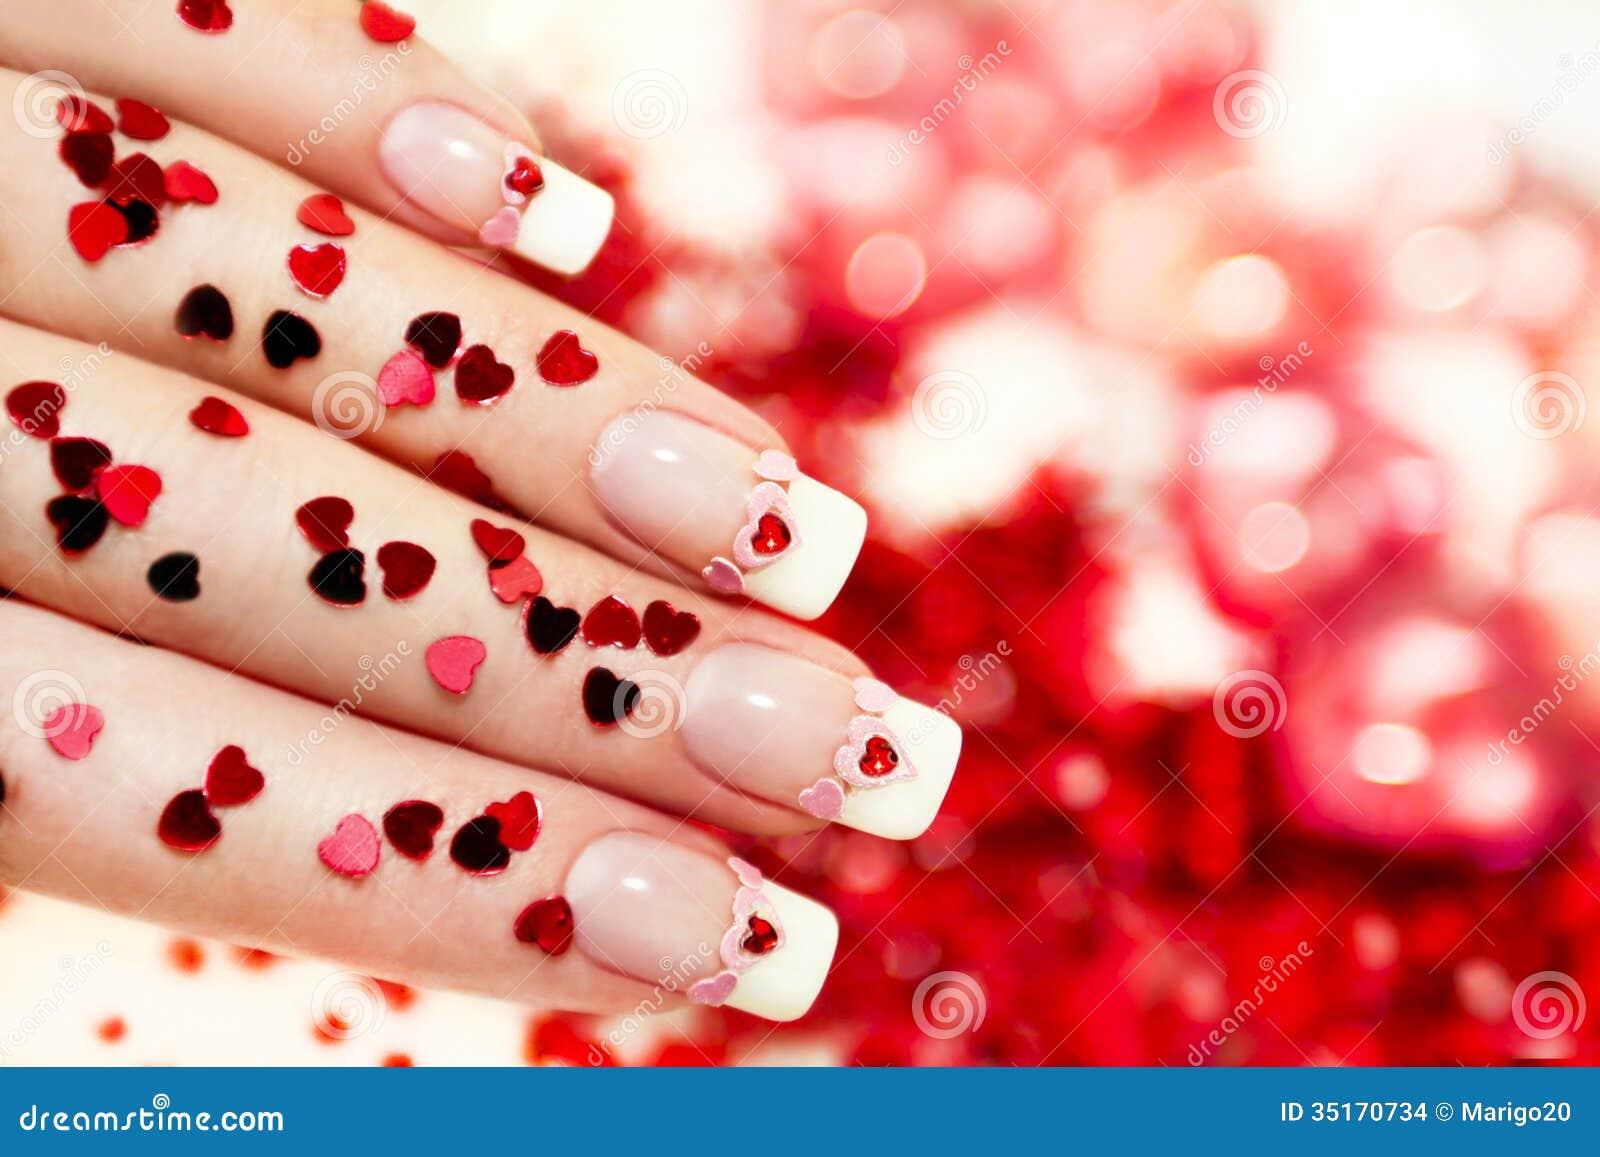 Glossy Nail And Beauty Spa